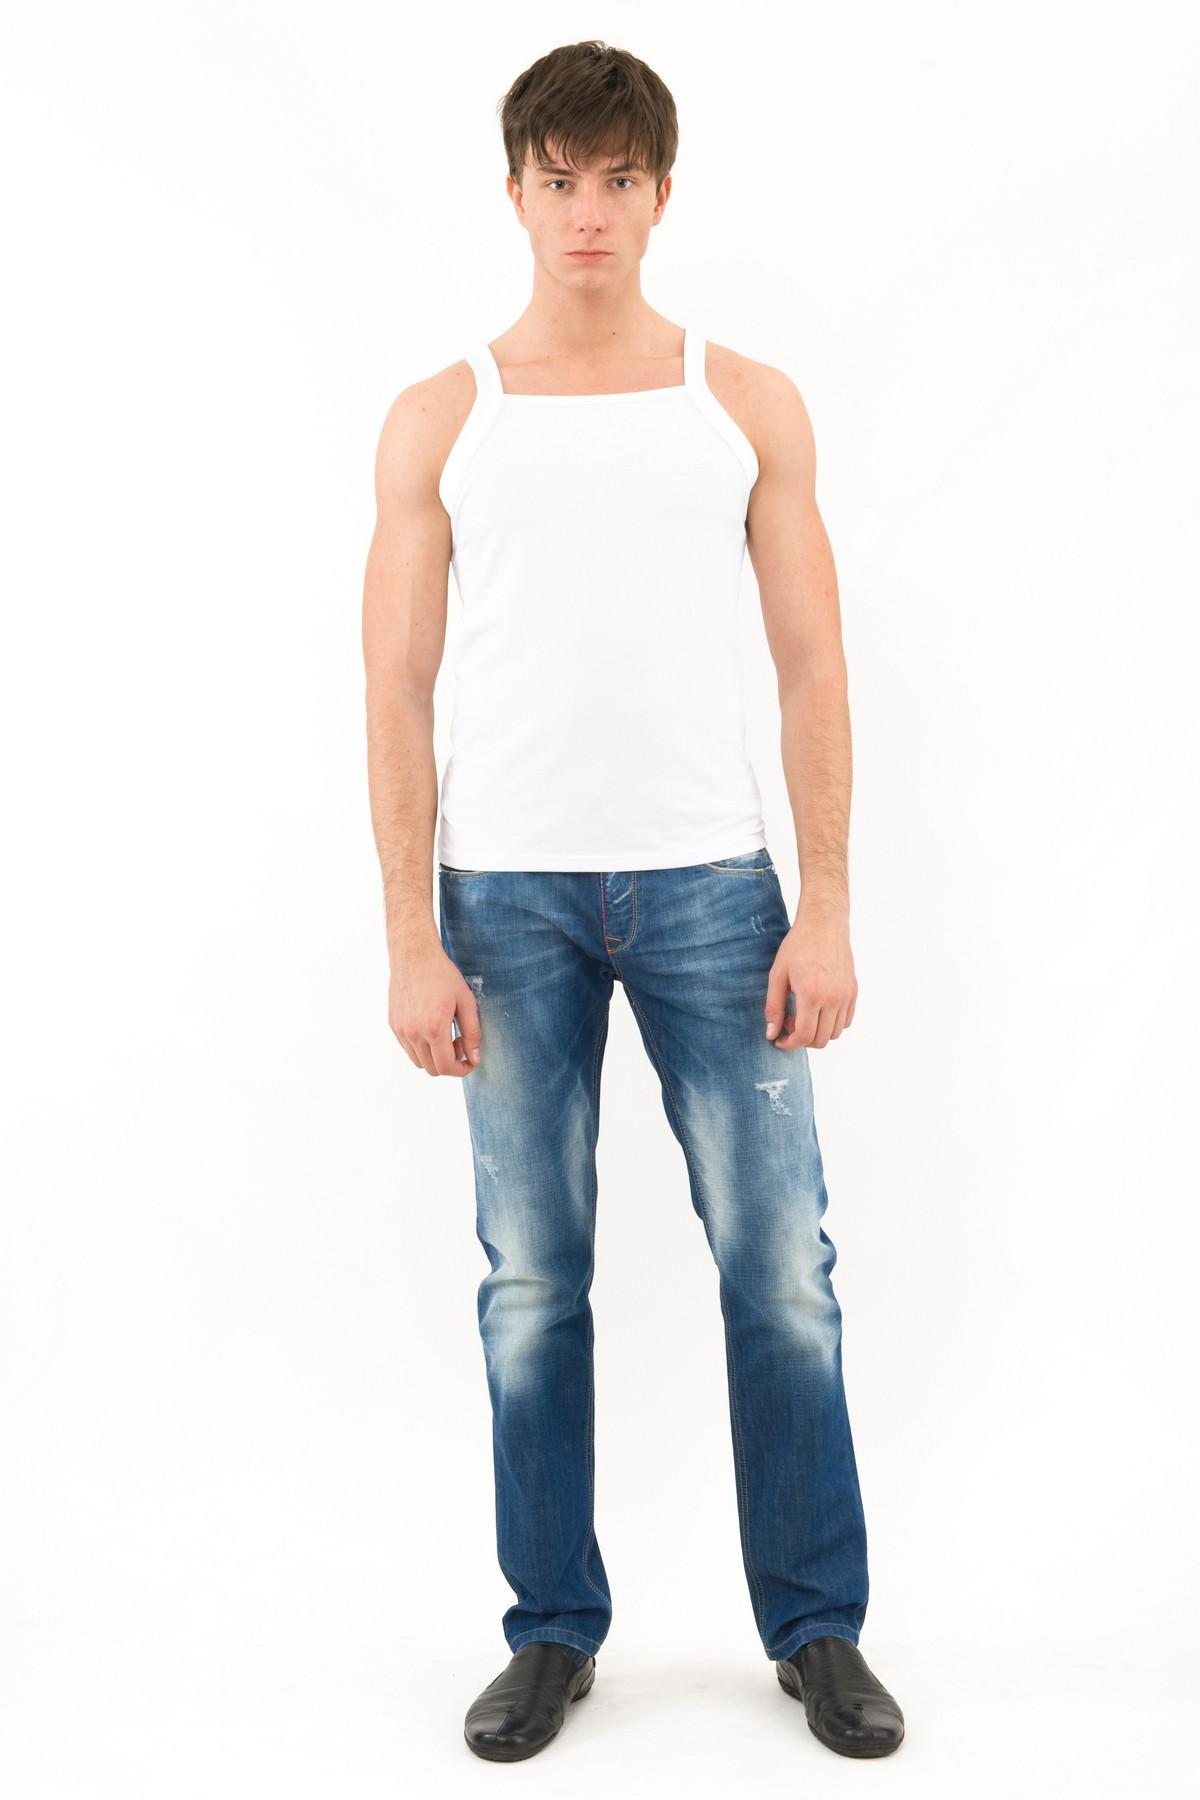 МайкаМужские футболки, джемпера<br>Майкамужская . Выполнена из высококачественного трикотажа, не вытягивается после стирок, не линяет и не покрывается катышками.<br><br>Цвет: белый<br>Состав: 92% хлопок, 8% лайкра<br>Размер: 50,52,54<br>Страна дизайна: Россия<br>Страна производства: Россия